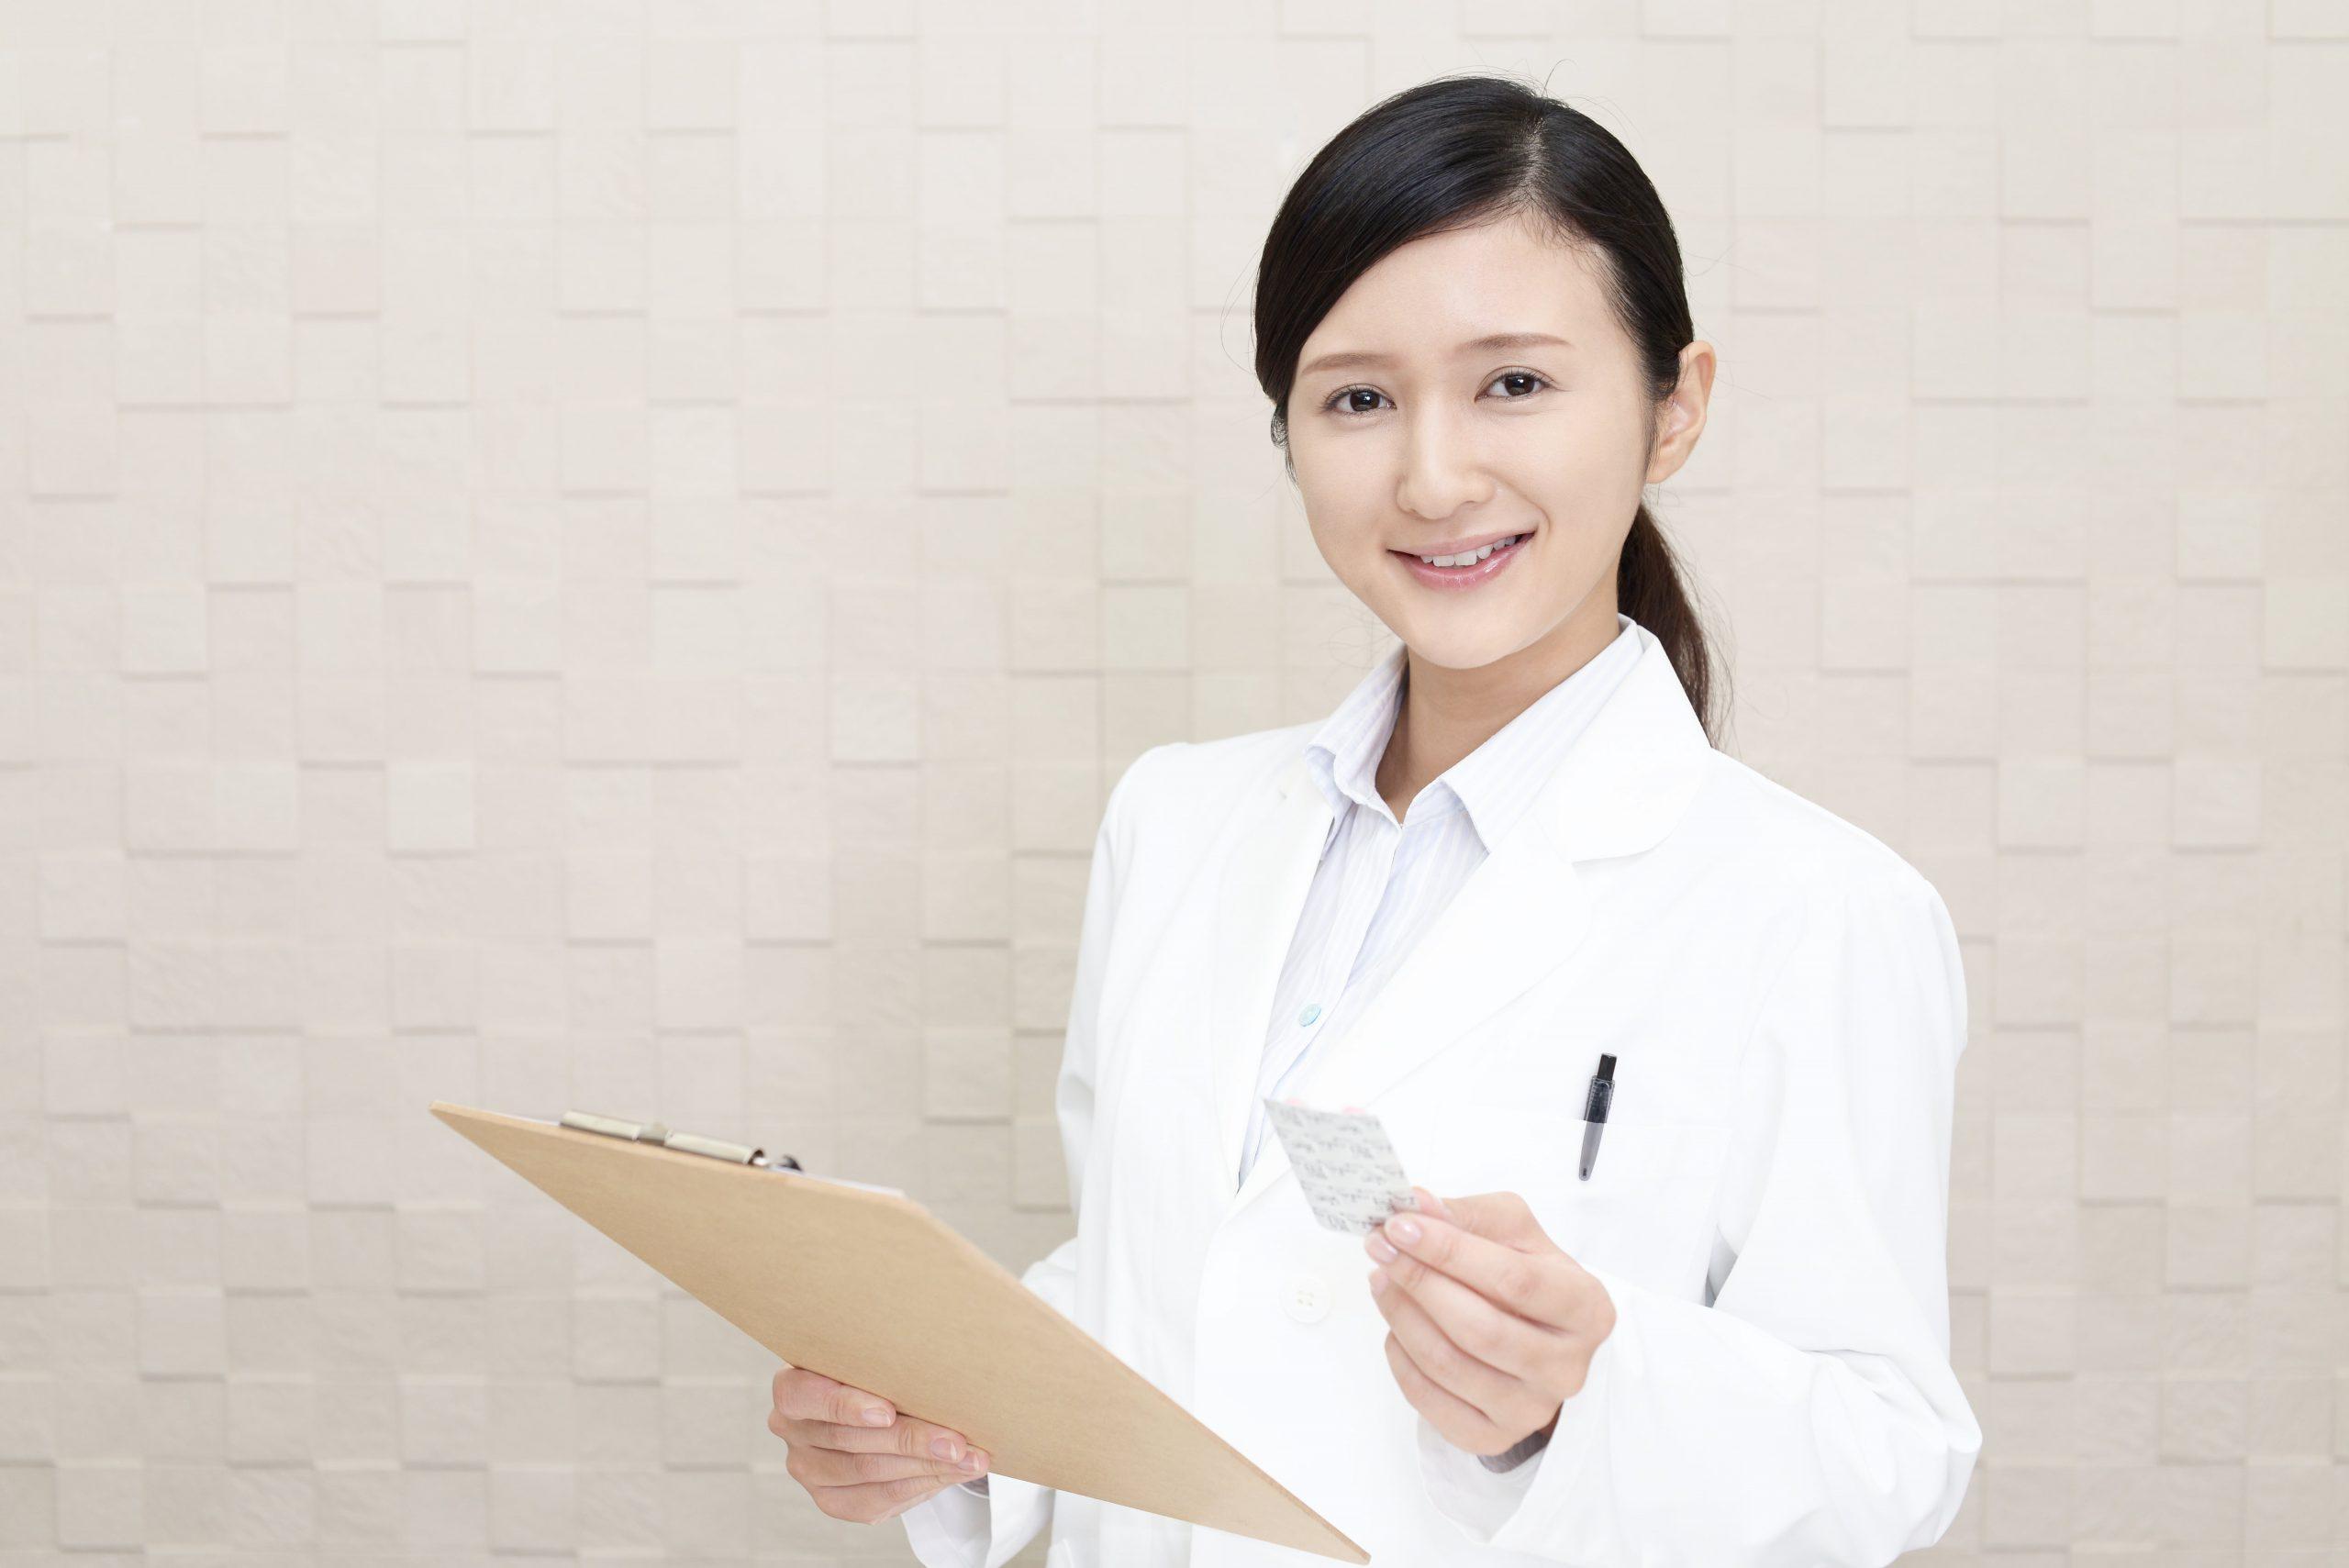 英語による服薬指導のビデオ 日本人の薬剤師&外国人患者 @薬局にて